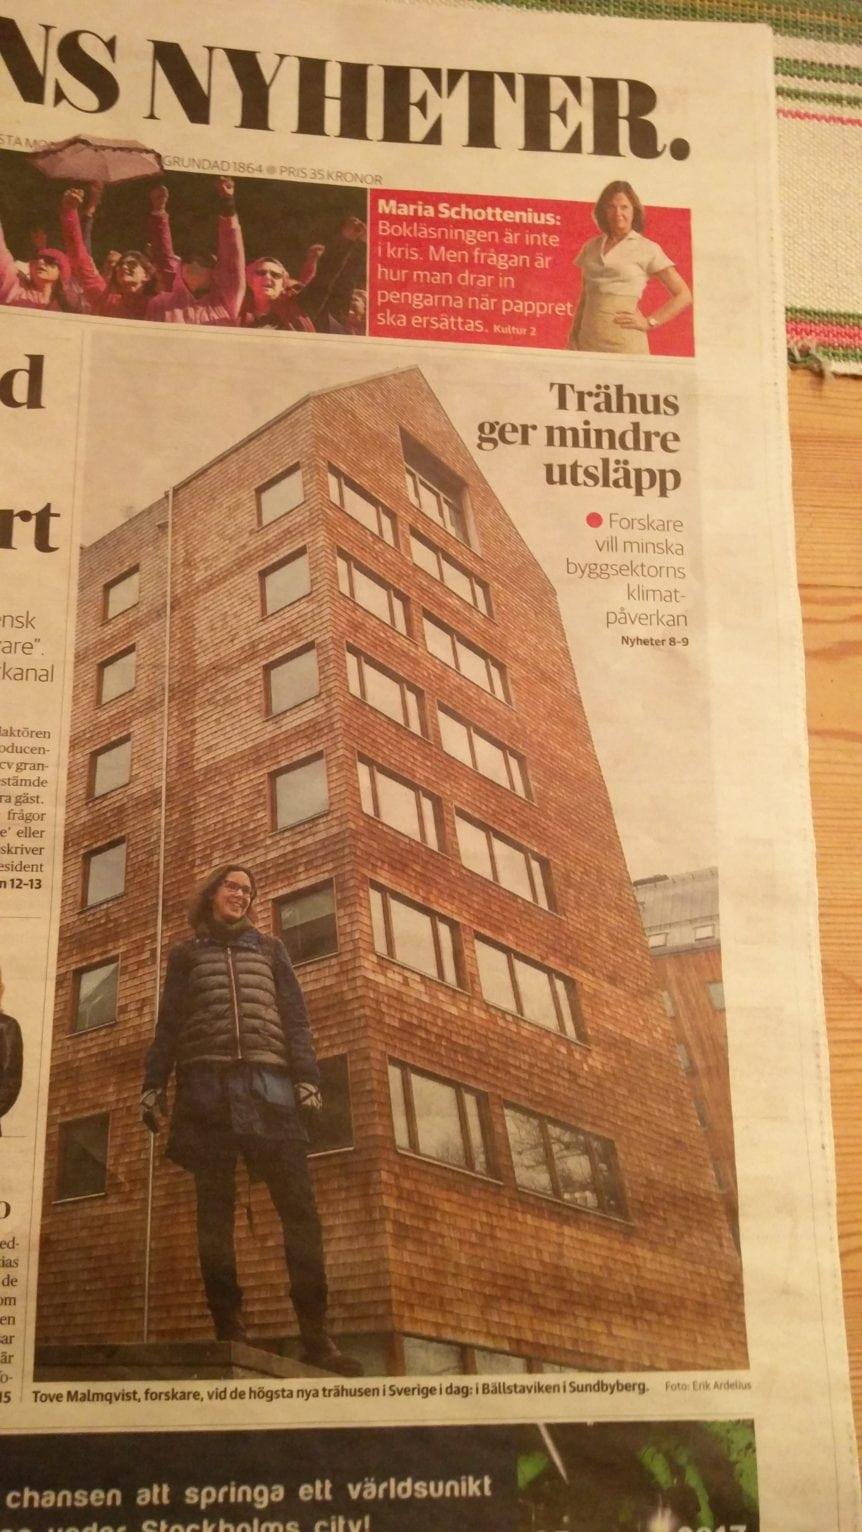 Innovativa bygglösningar i DN. Höghus i trä